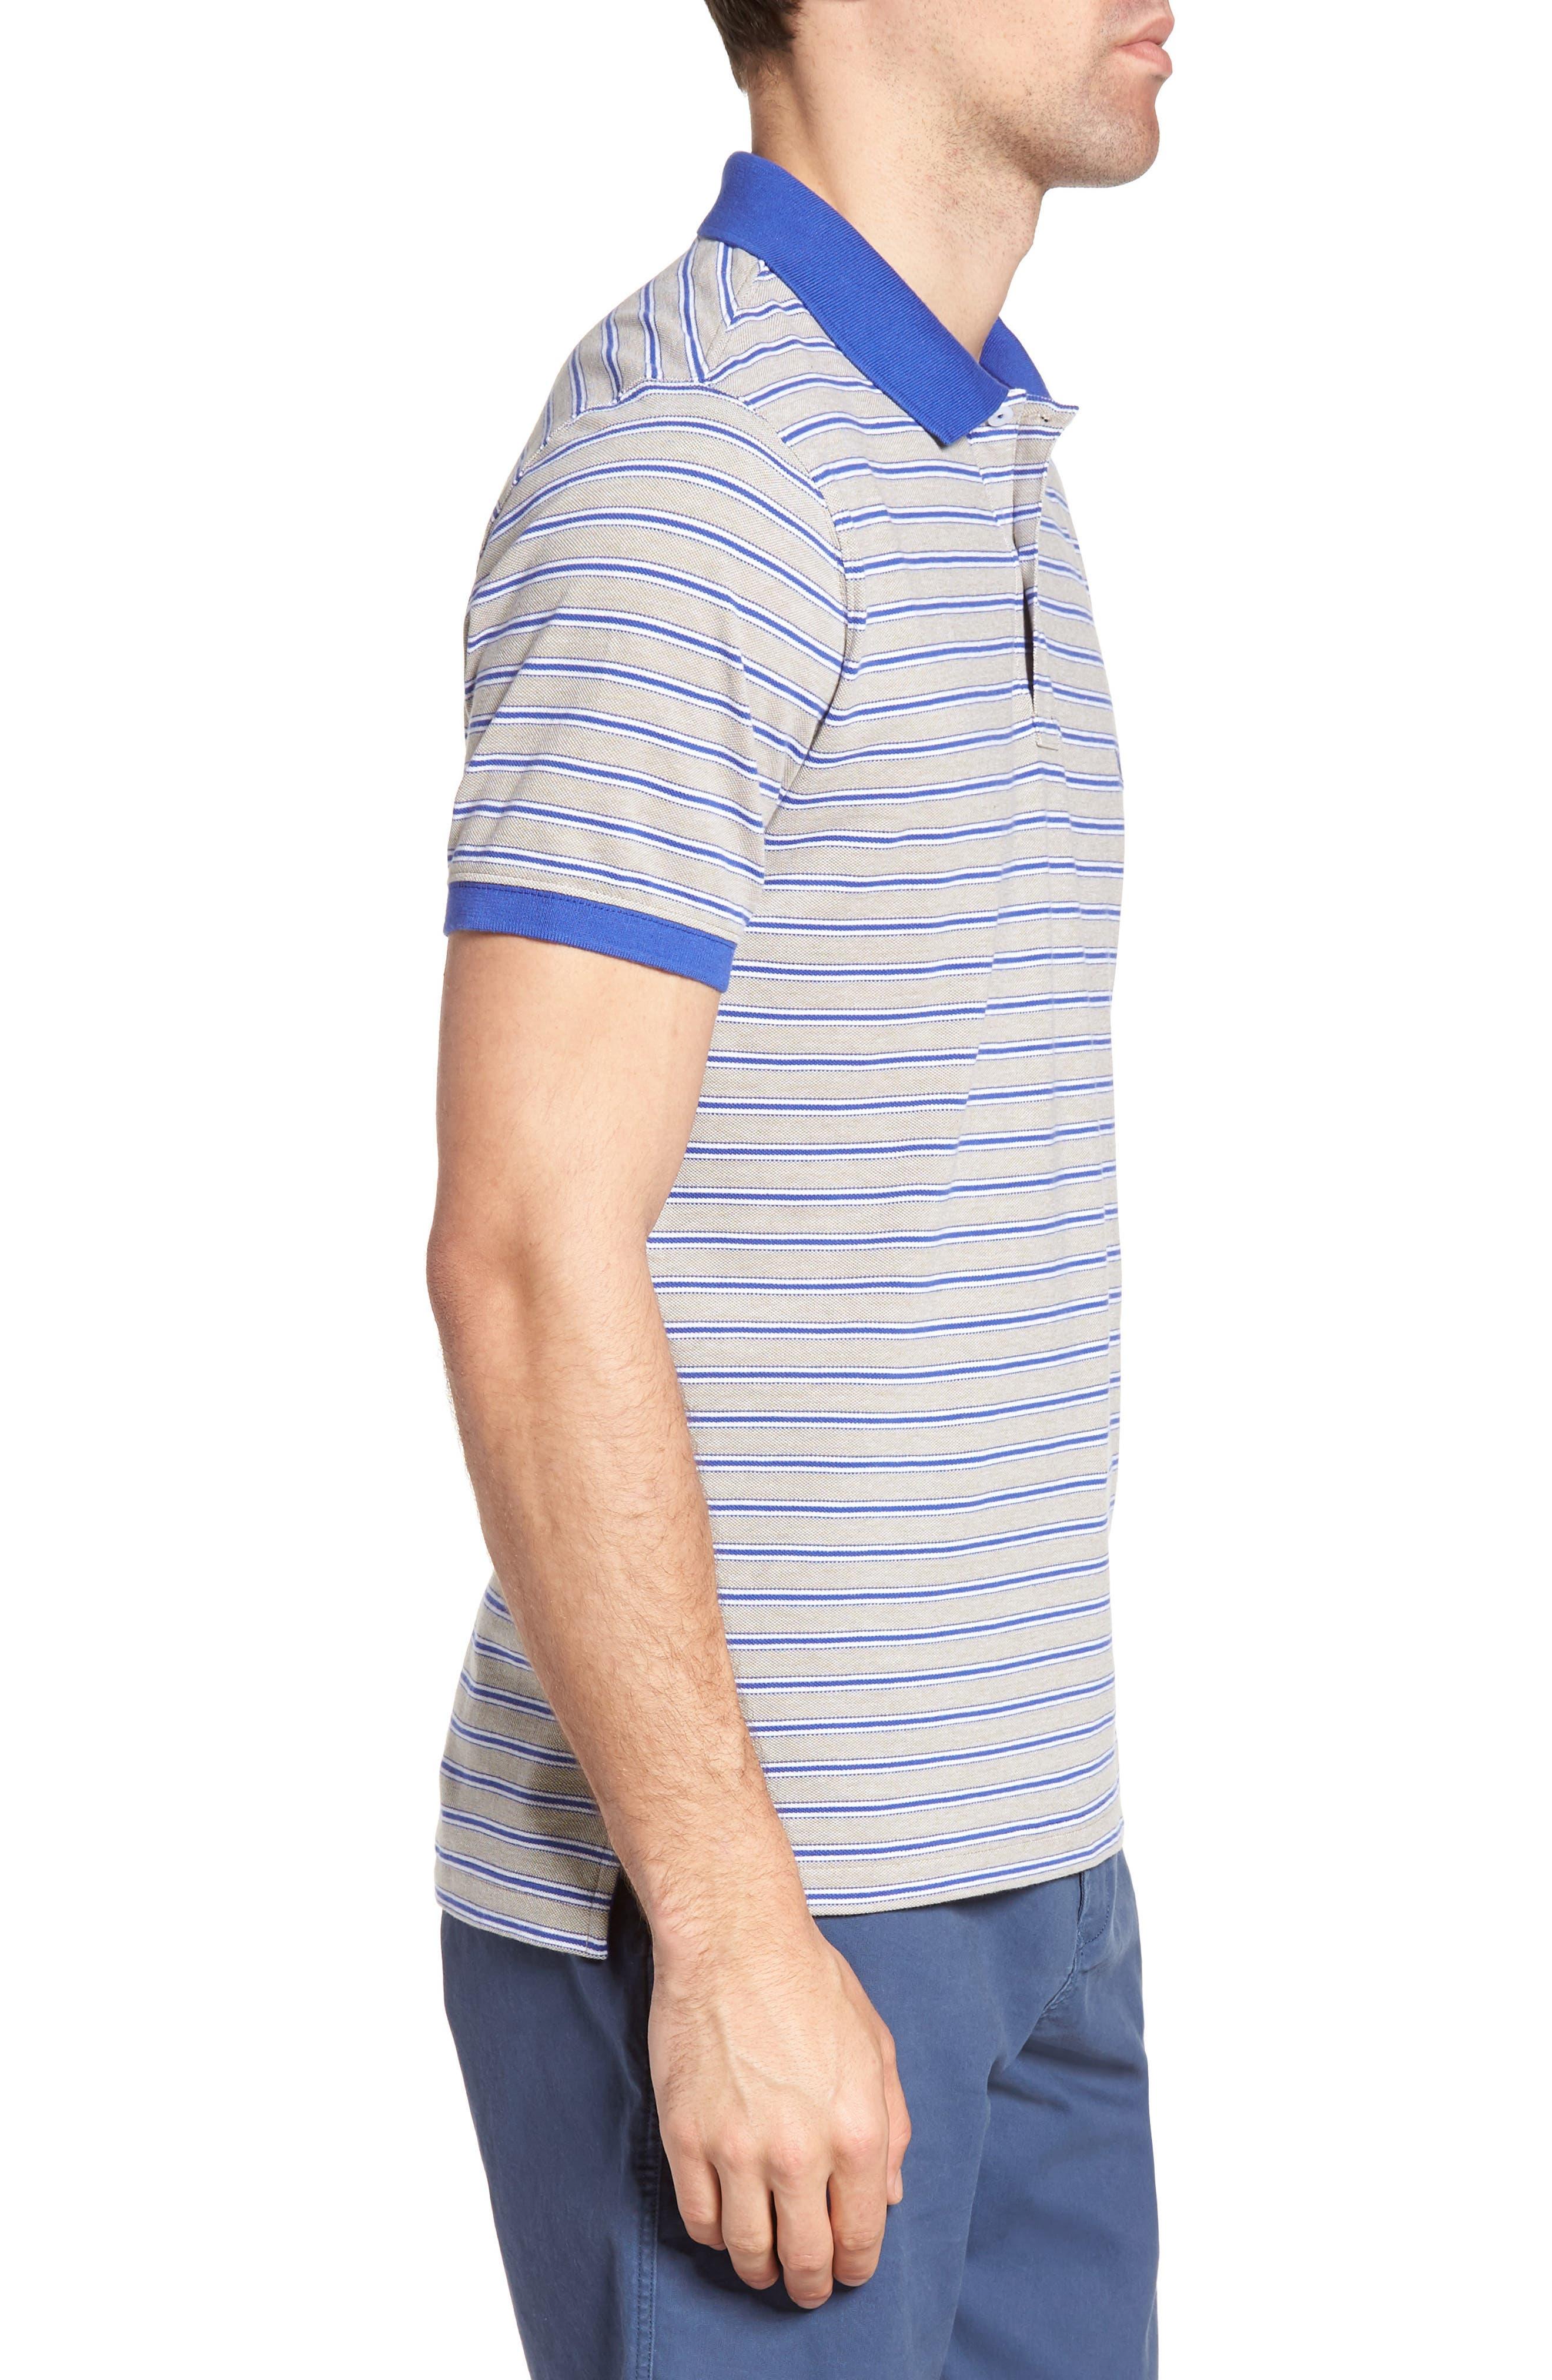 Kempthorne Sports Fit Stripe Piqué Polo,                             Alternate thumbnail 3, color,                             423